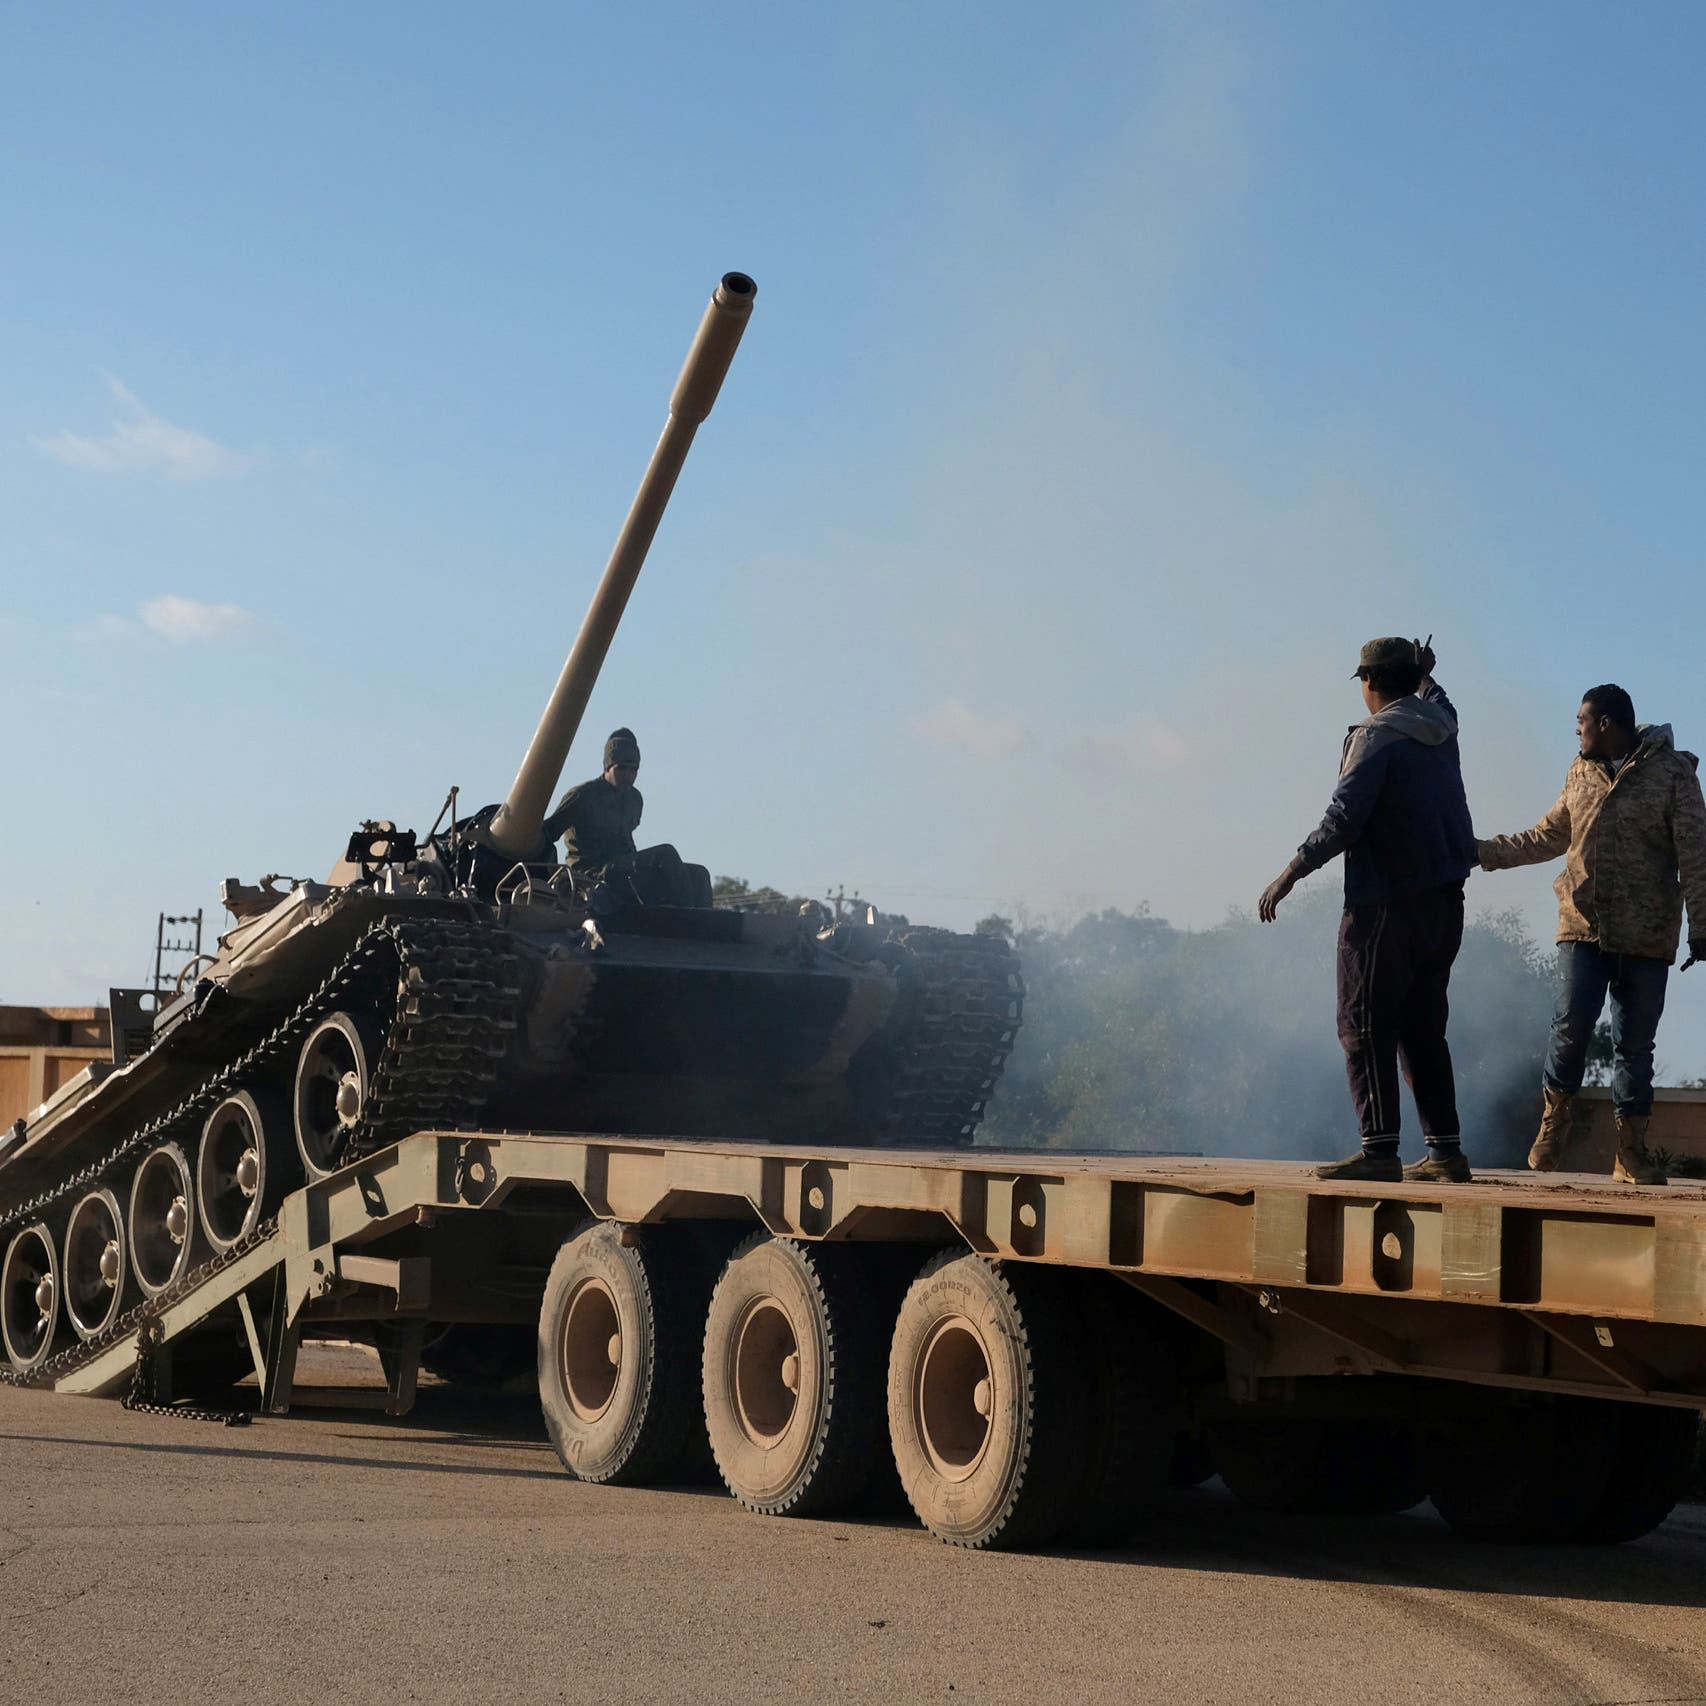 الجيش الليبي يضرب الميليشيات في سرت.. وخسائر كبيرة